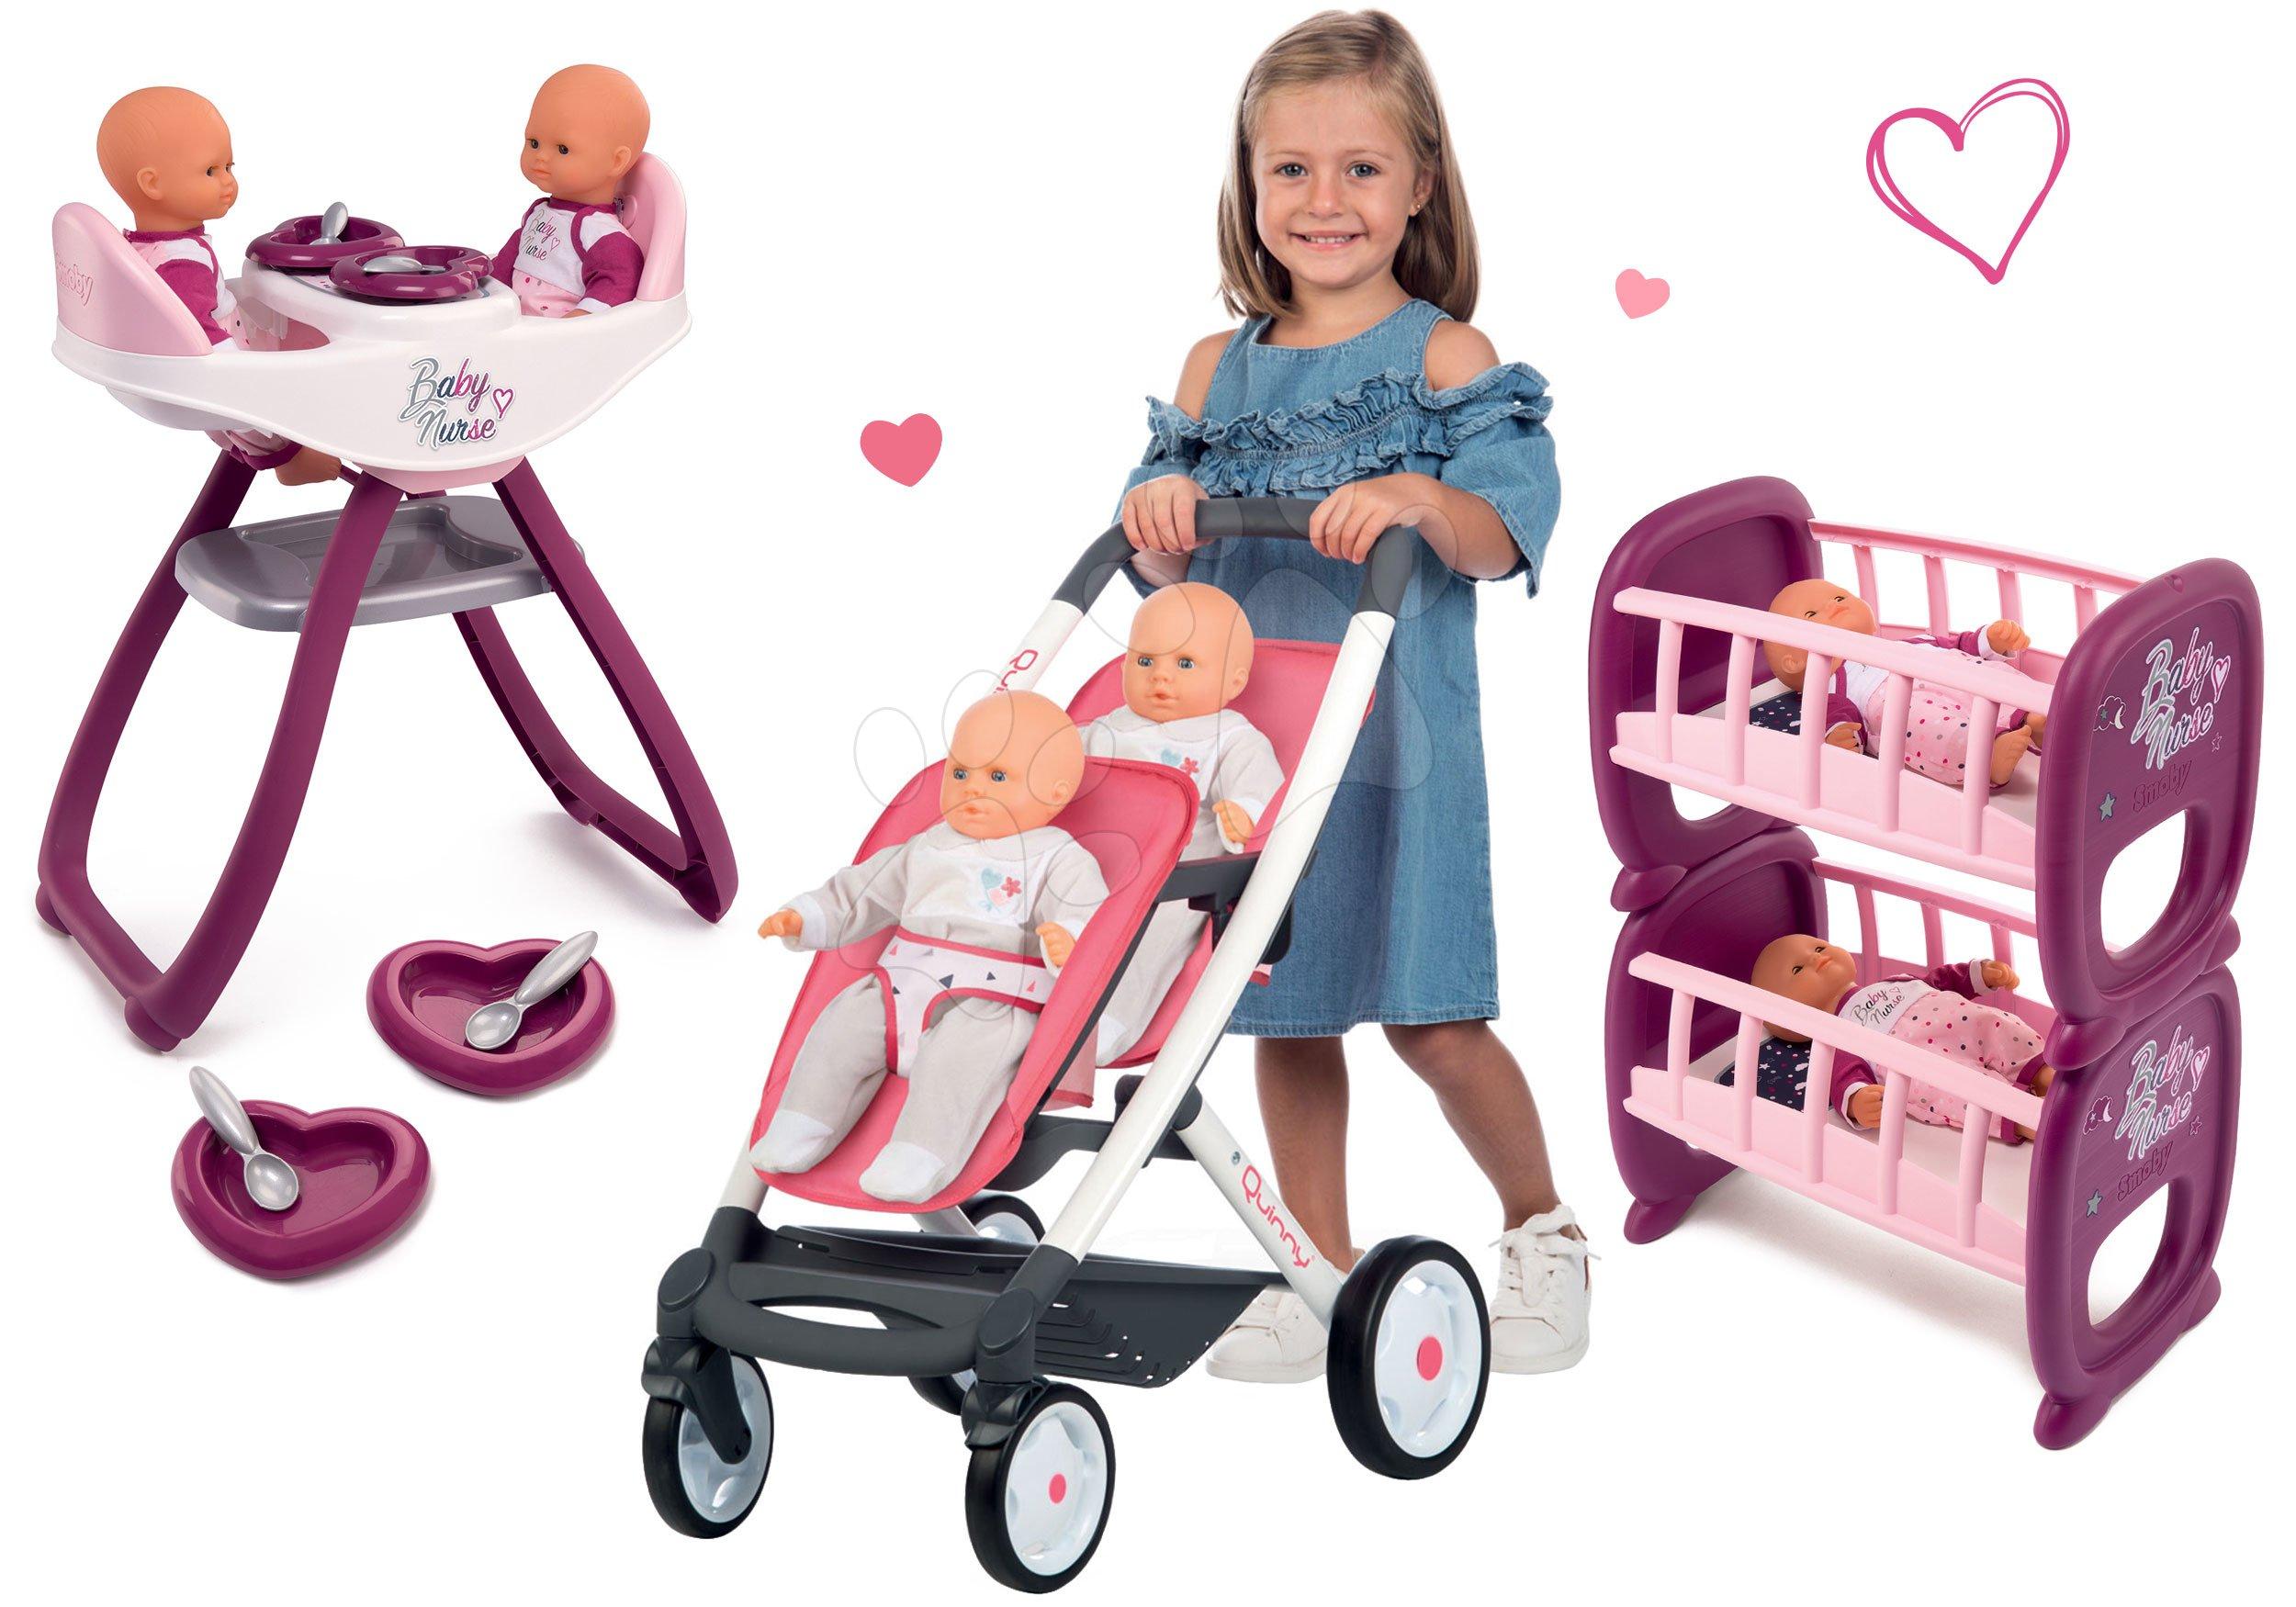 Set kočík pre dve bábiky Twin Trio Pastel Maxi Cosi & Quinny Smoby a jedálenská stolička Baby Nurse a postieľky pre 42 cm bábiky